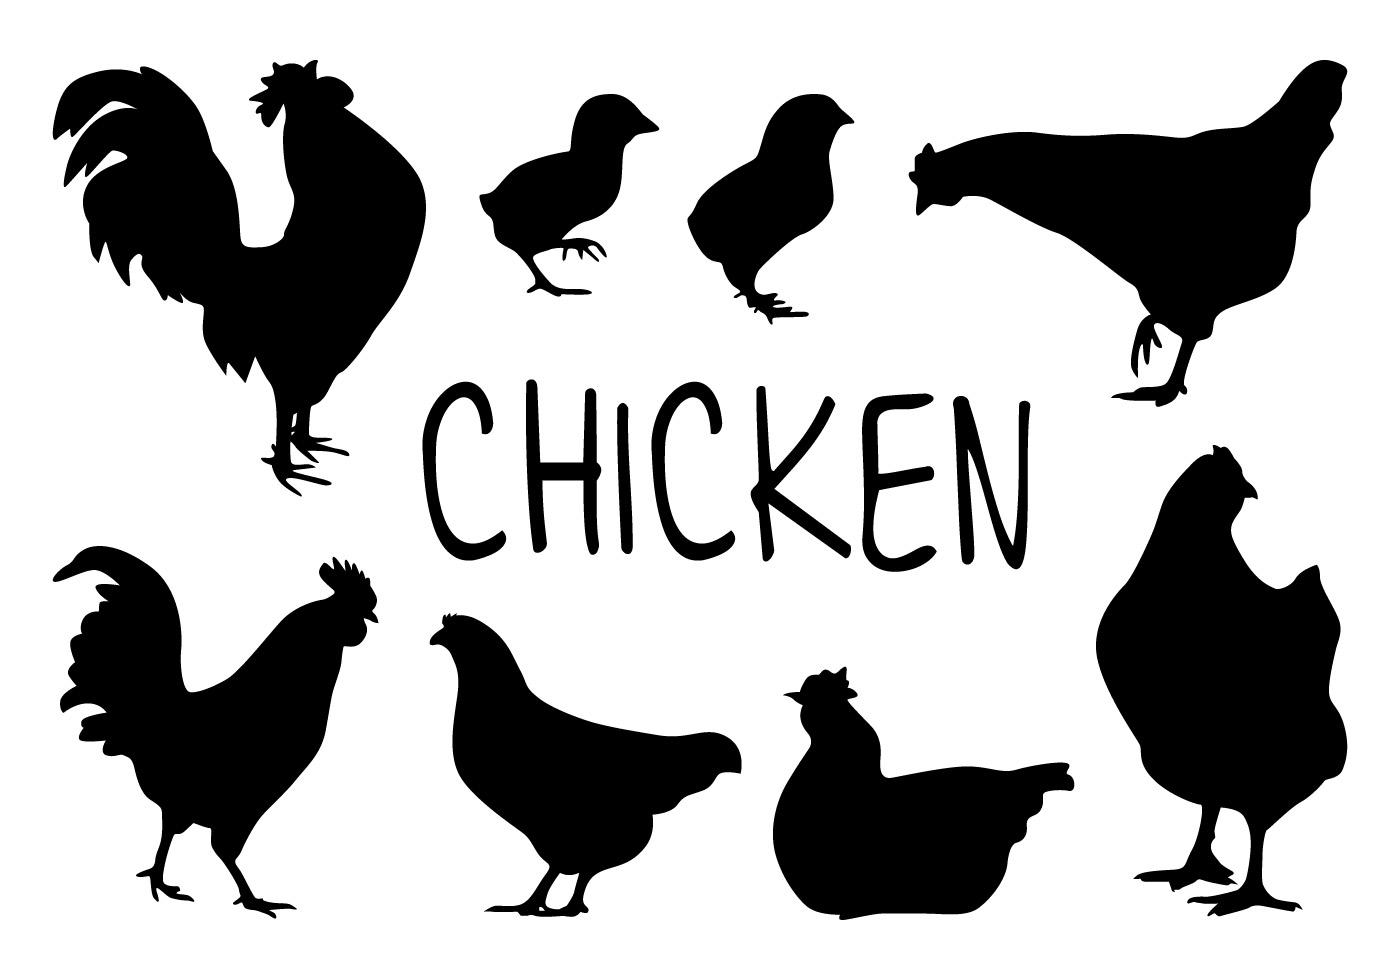 Chicken Silhouette Vectors - Download Free Vectors ... (1400 x 980 Pixel)